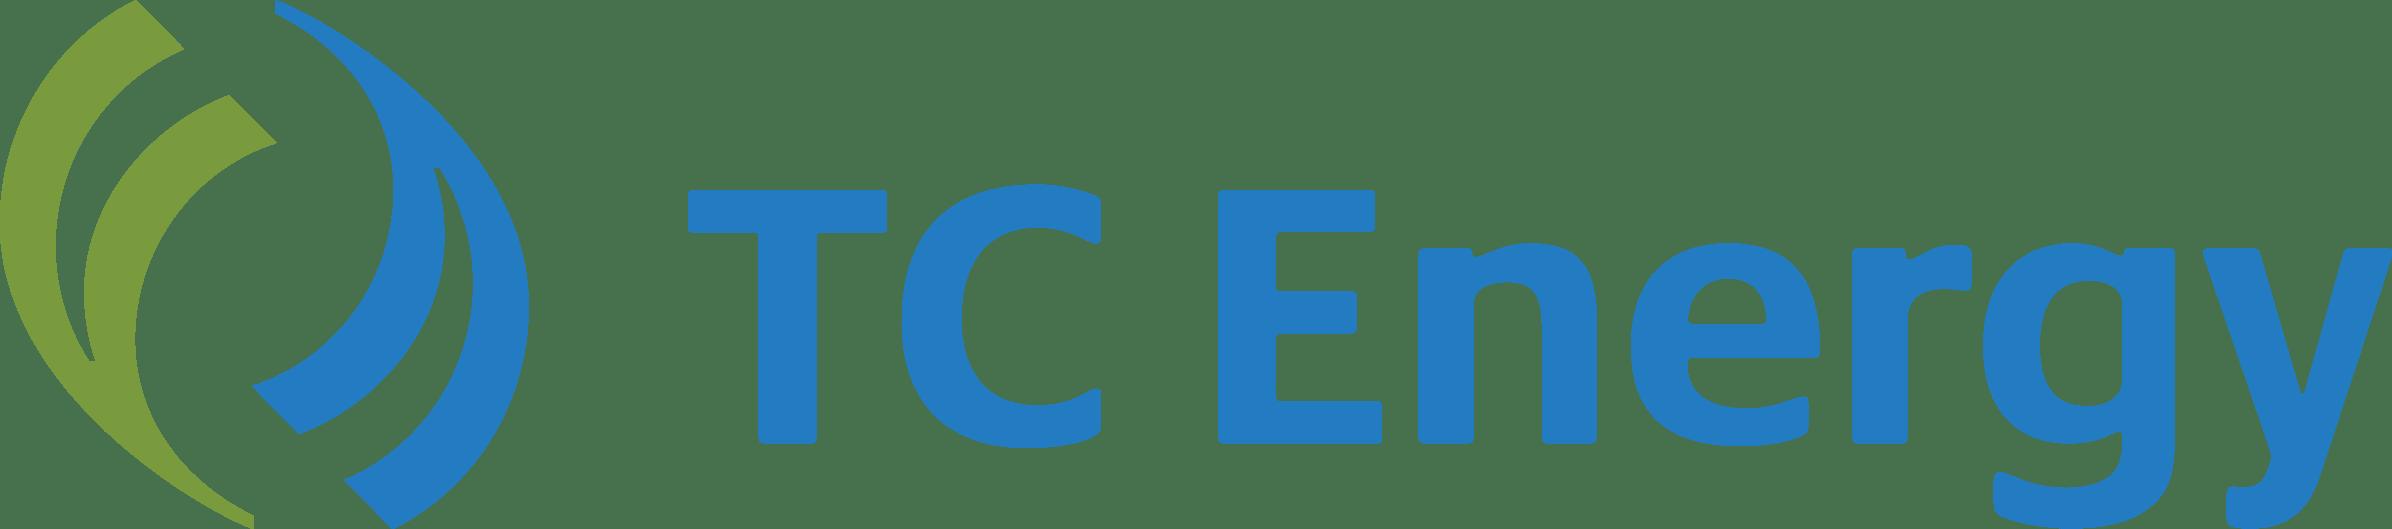 TC Energy присоединится к консорциуму iPipe в Северной Дакоте, чтобы  содействовать обнаружению утечек   Нефть и энергия – Nachedeu